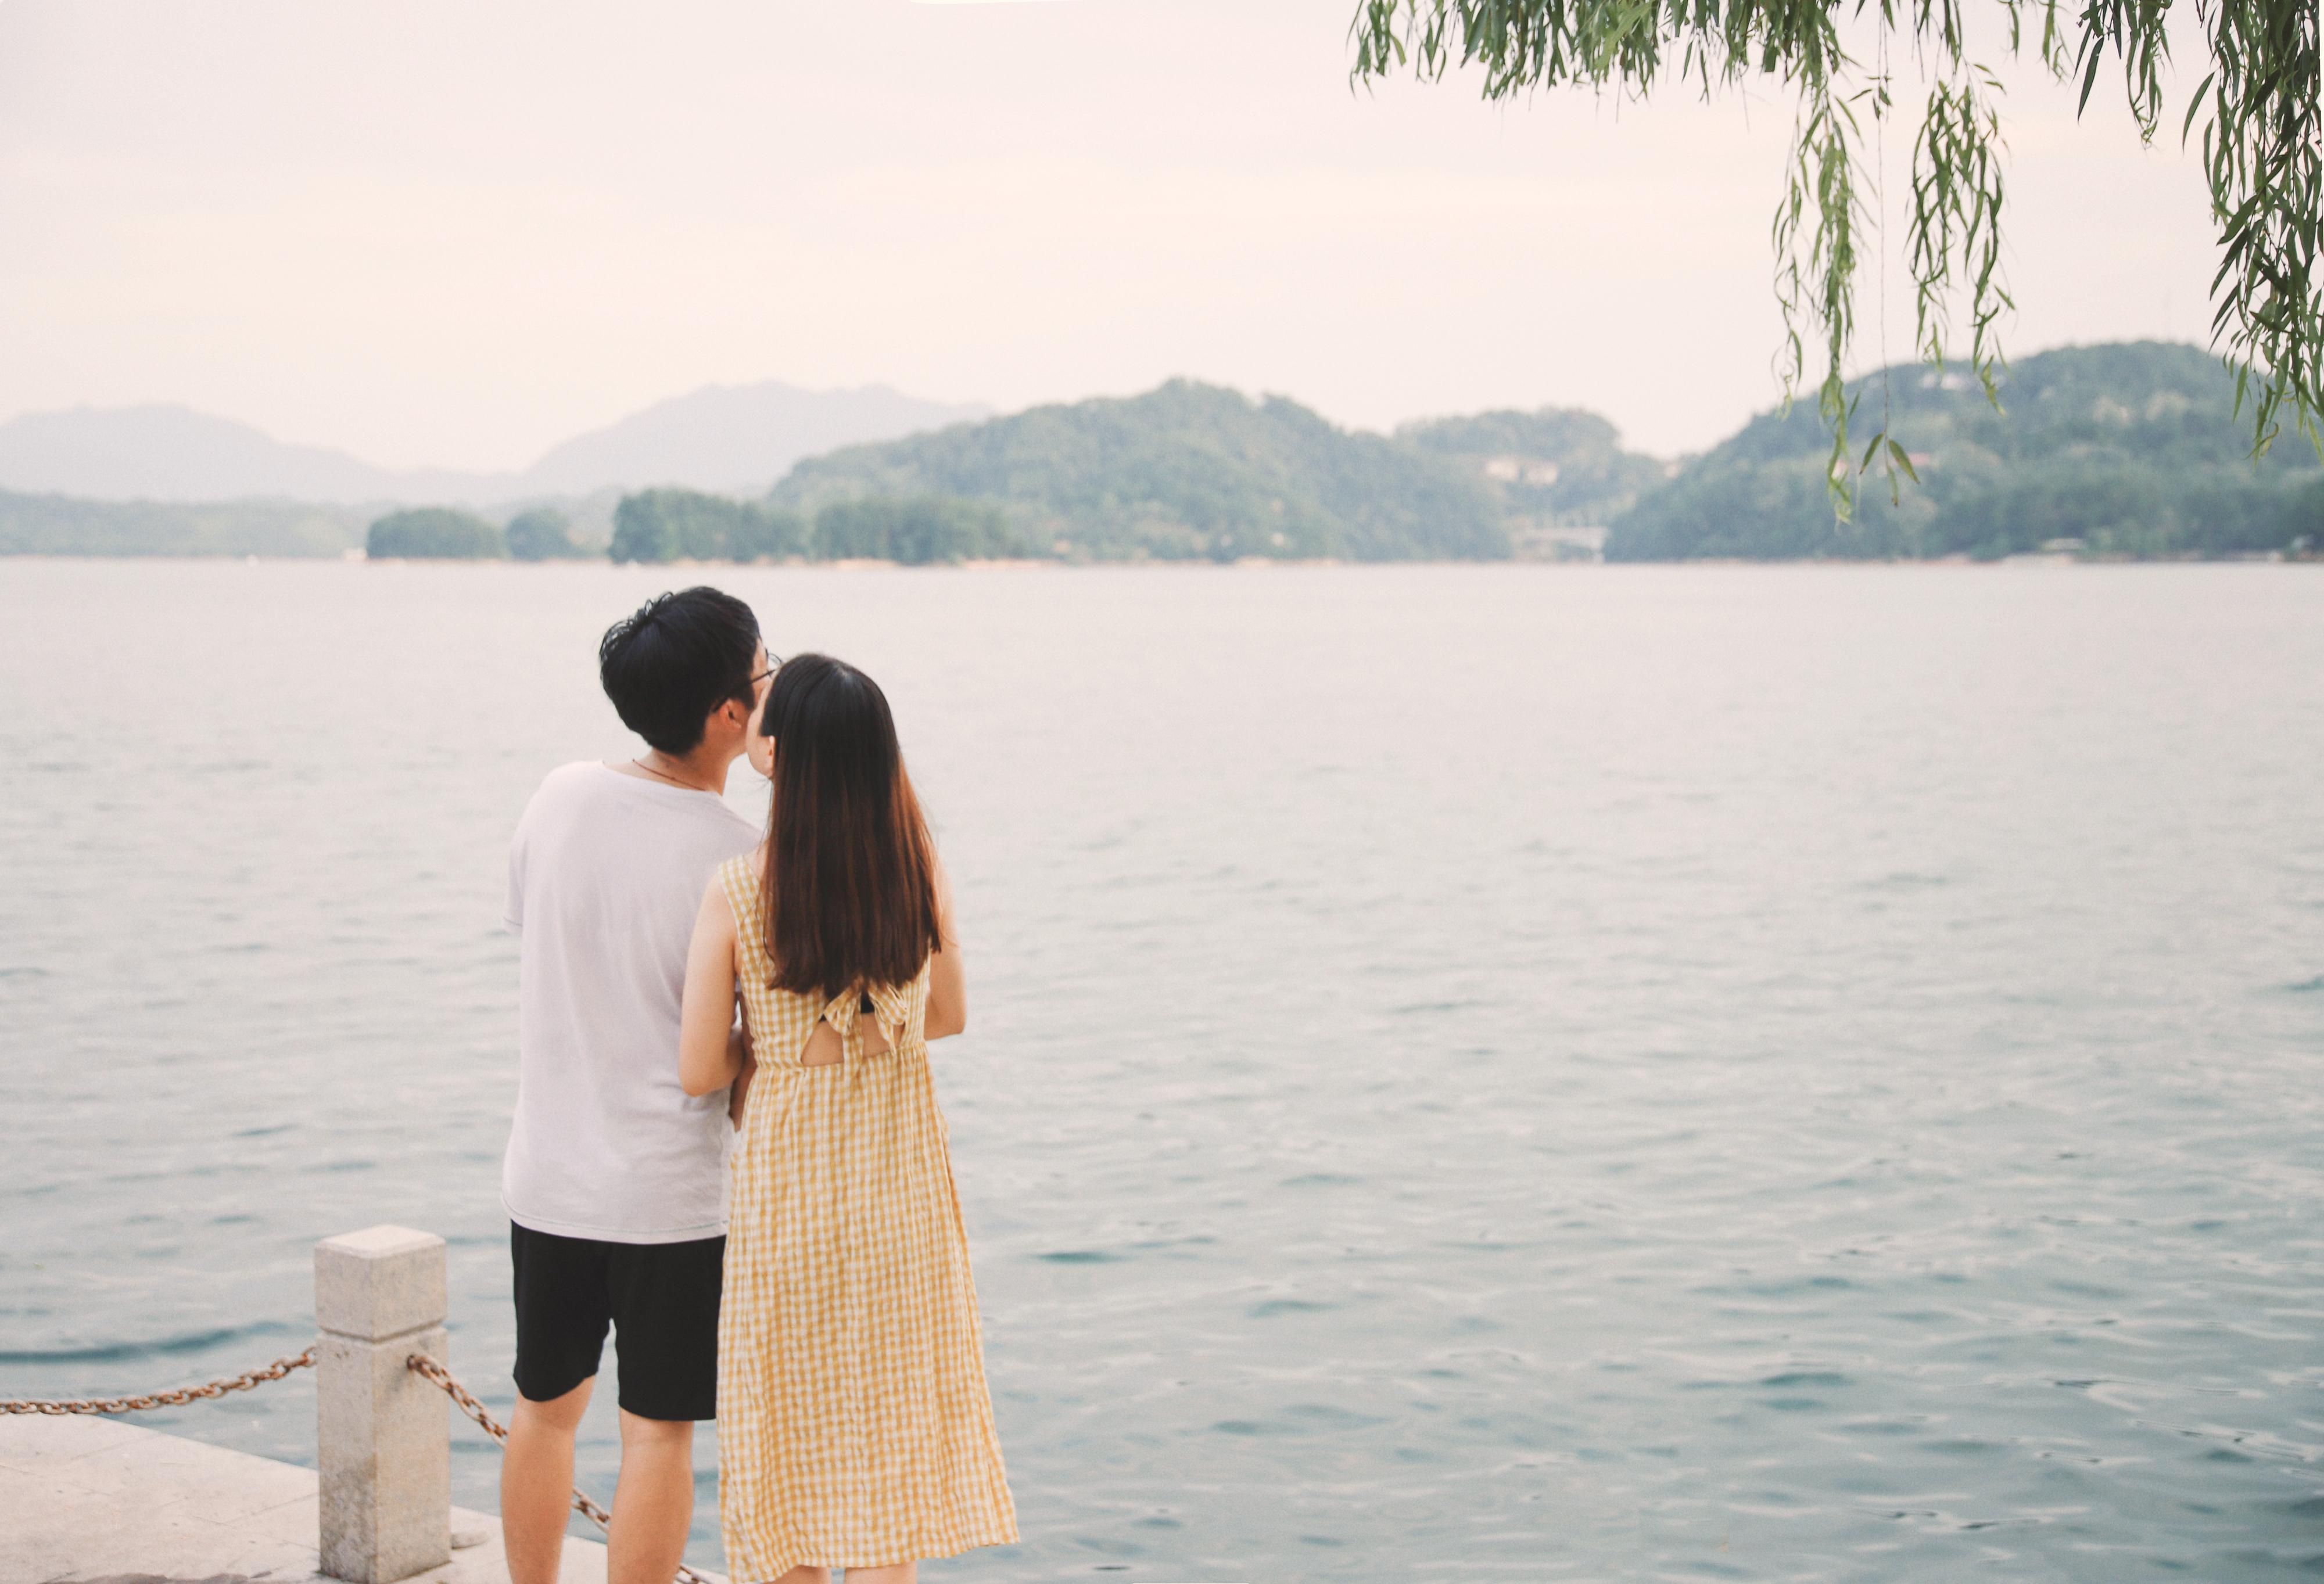 好きな人の『理想の恋人像』を探る